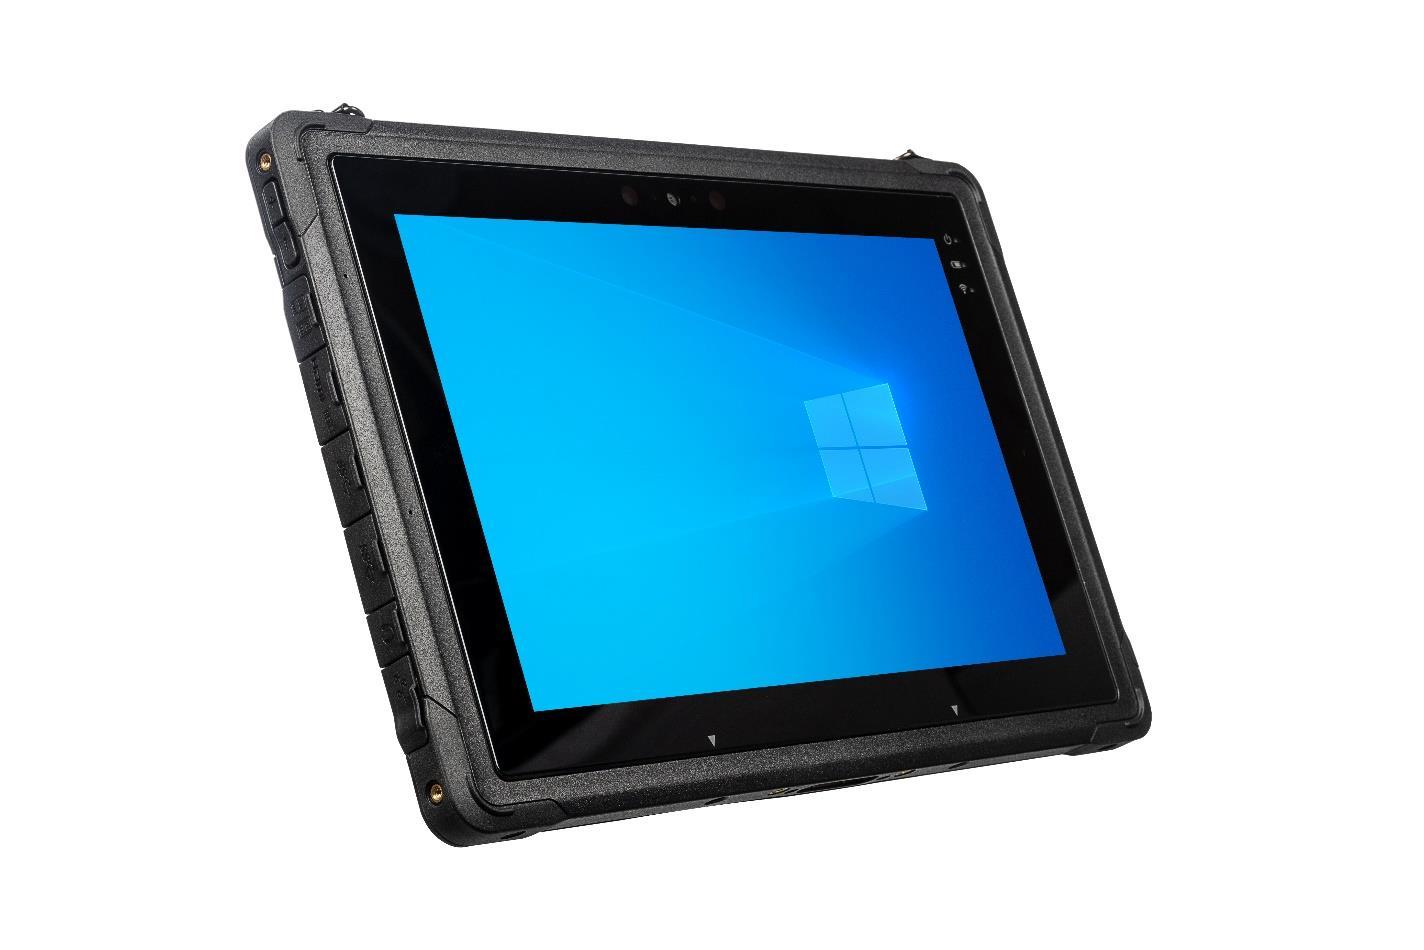 Vollrobustes Tablet für den Outdoor-Einsatz